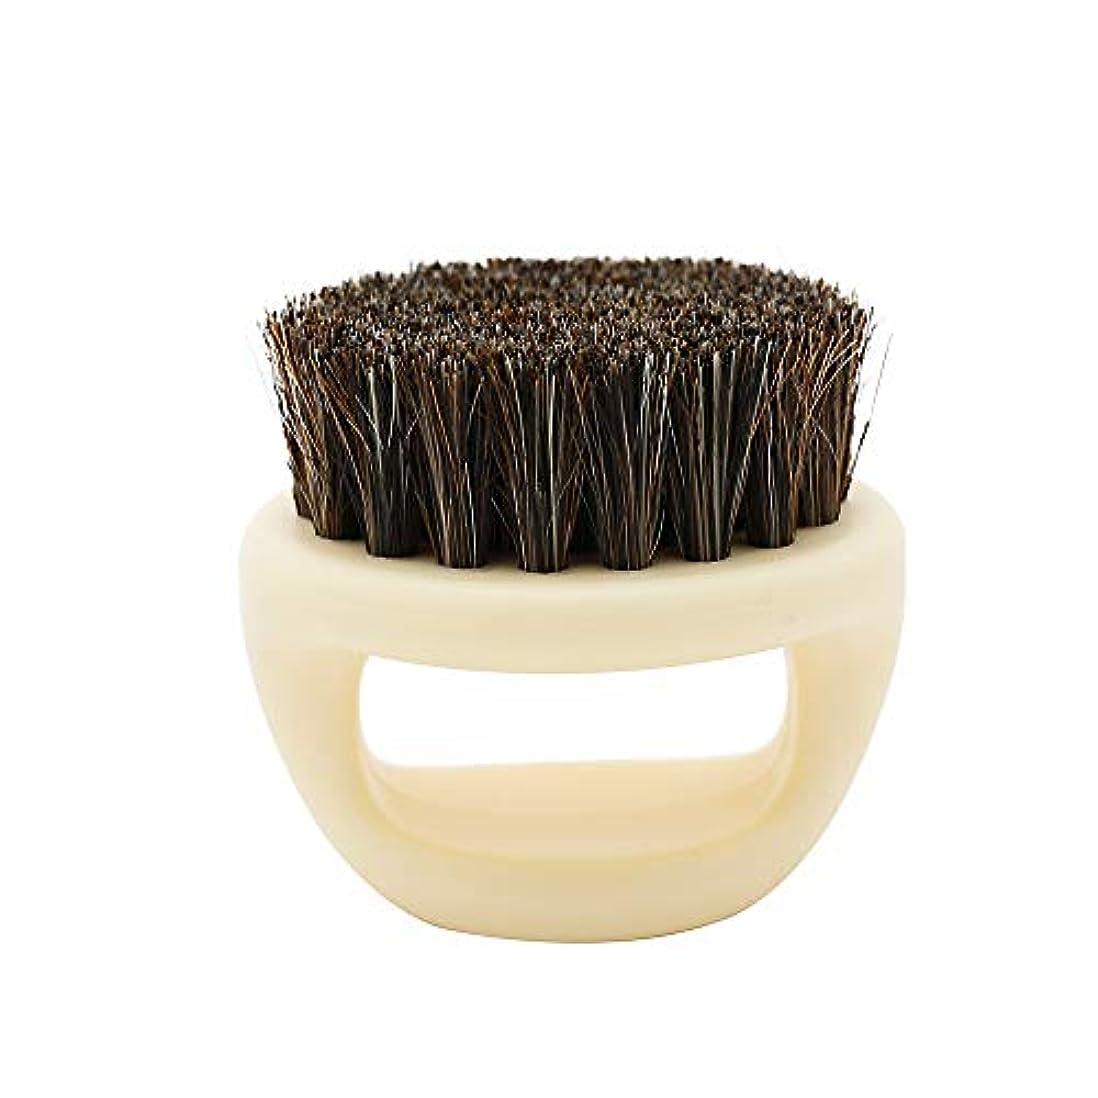 掻く傑作店員Nrpfell 1個リングデザイン馬毛メンズシェービングブラシプラスチック製の可搬式理容ひげブラシサロンフェイスクリーニングかみそりブラシ(ホワイト)